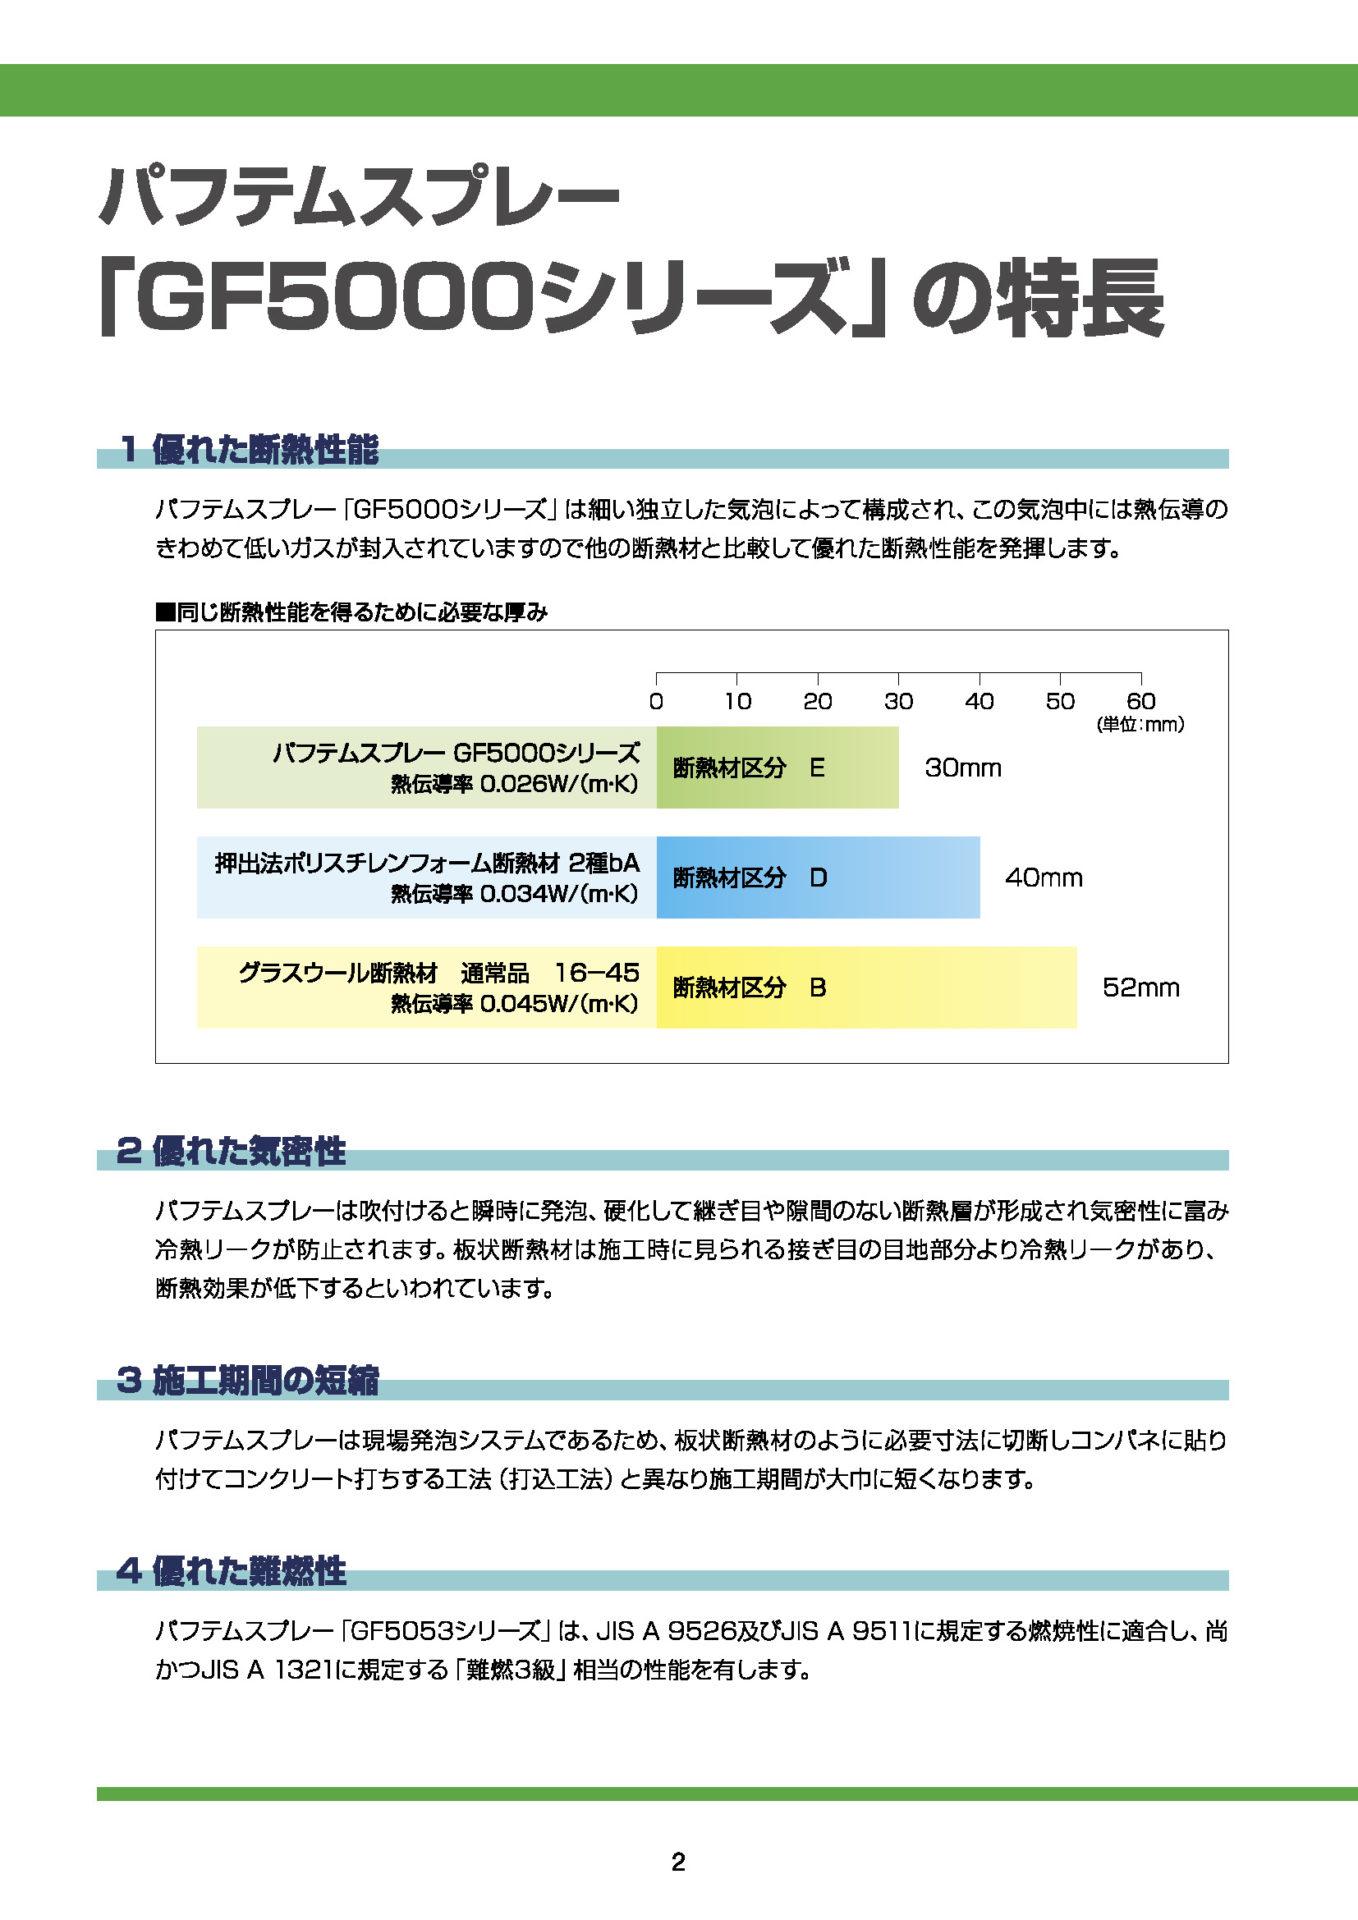 「パフテムスプレー」フロンタイプ専用カタログP4